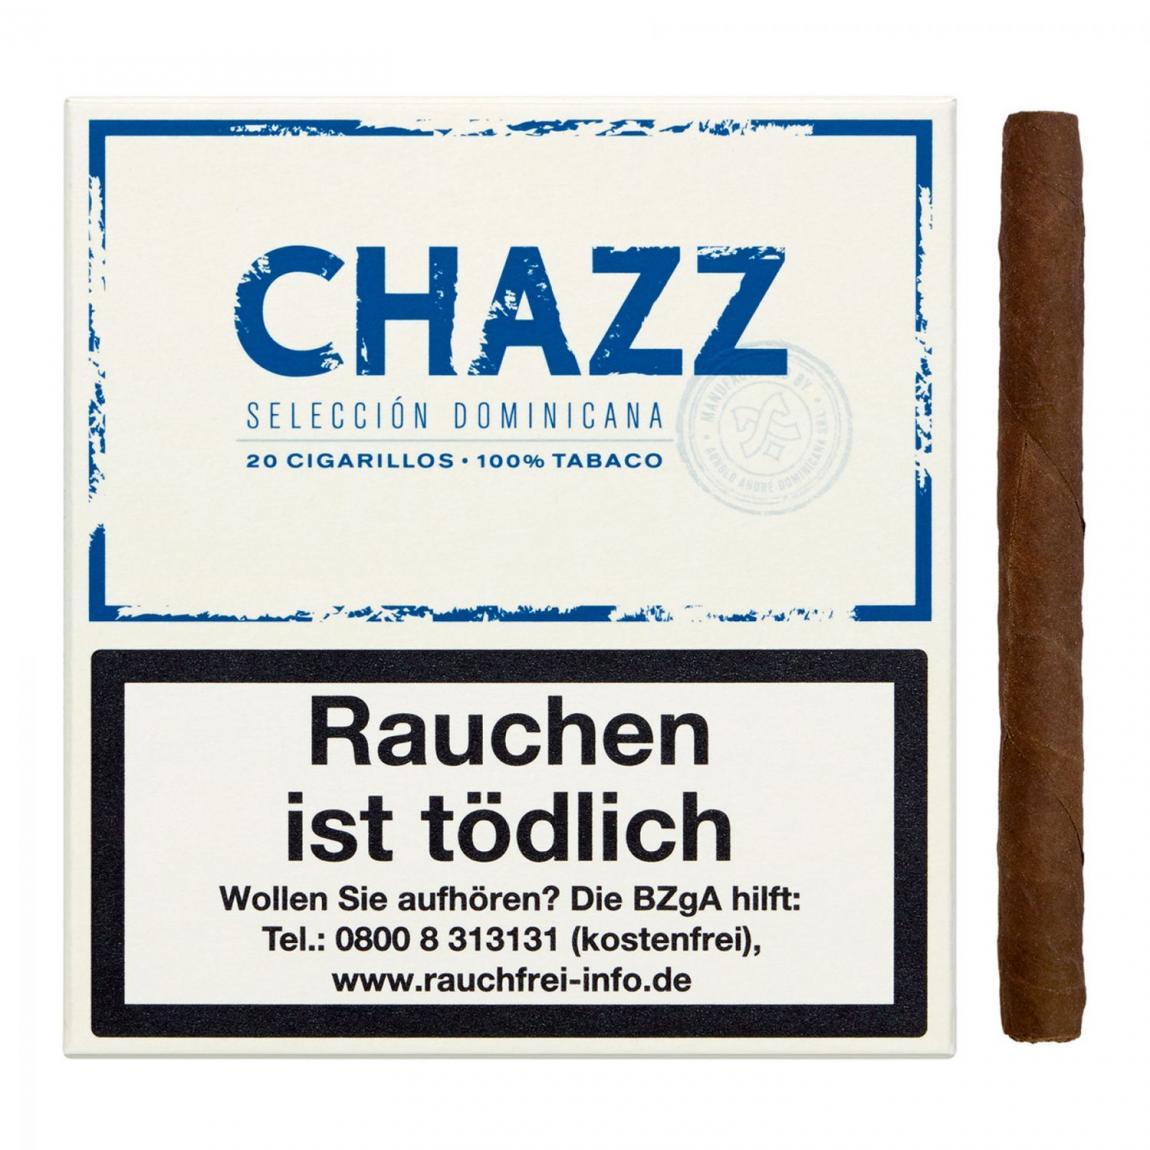 CHAZZ Cigarillos - Seleccion Dominicana 20er Schachtel